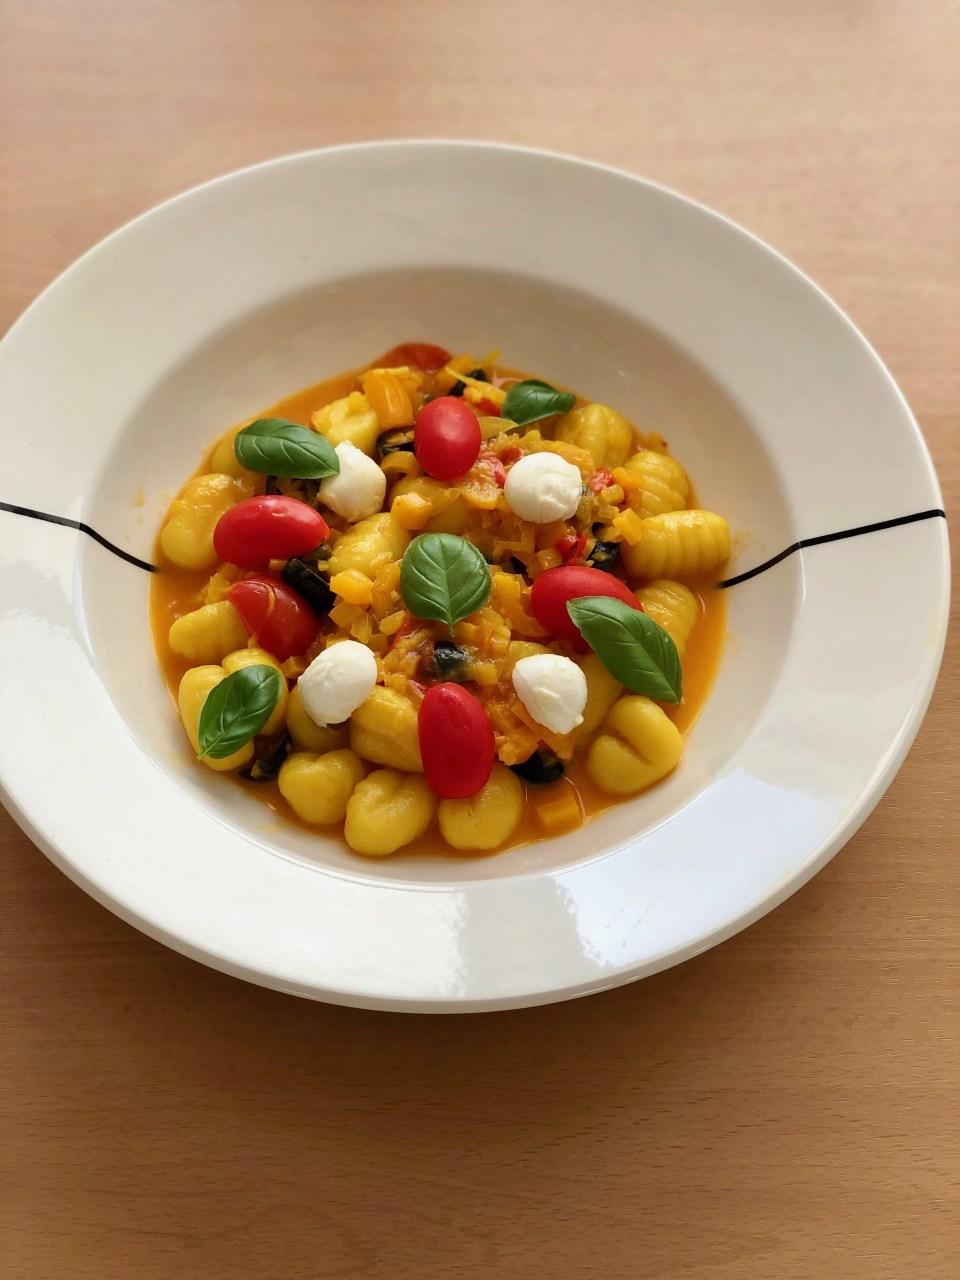 zuiderse gnocchi met gele paprika